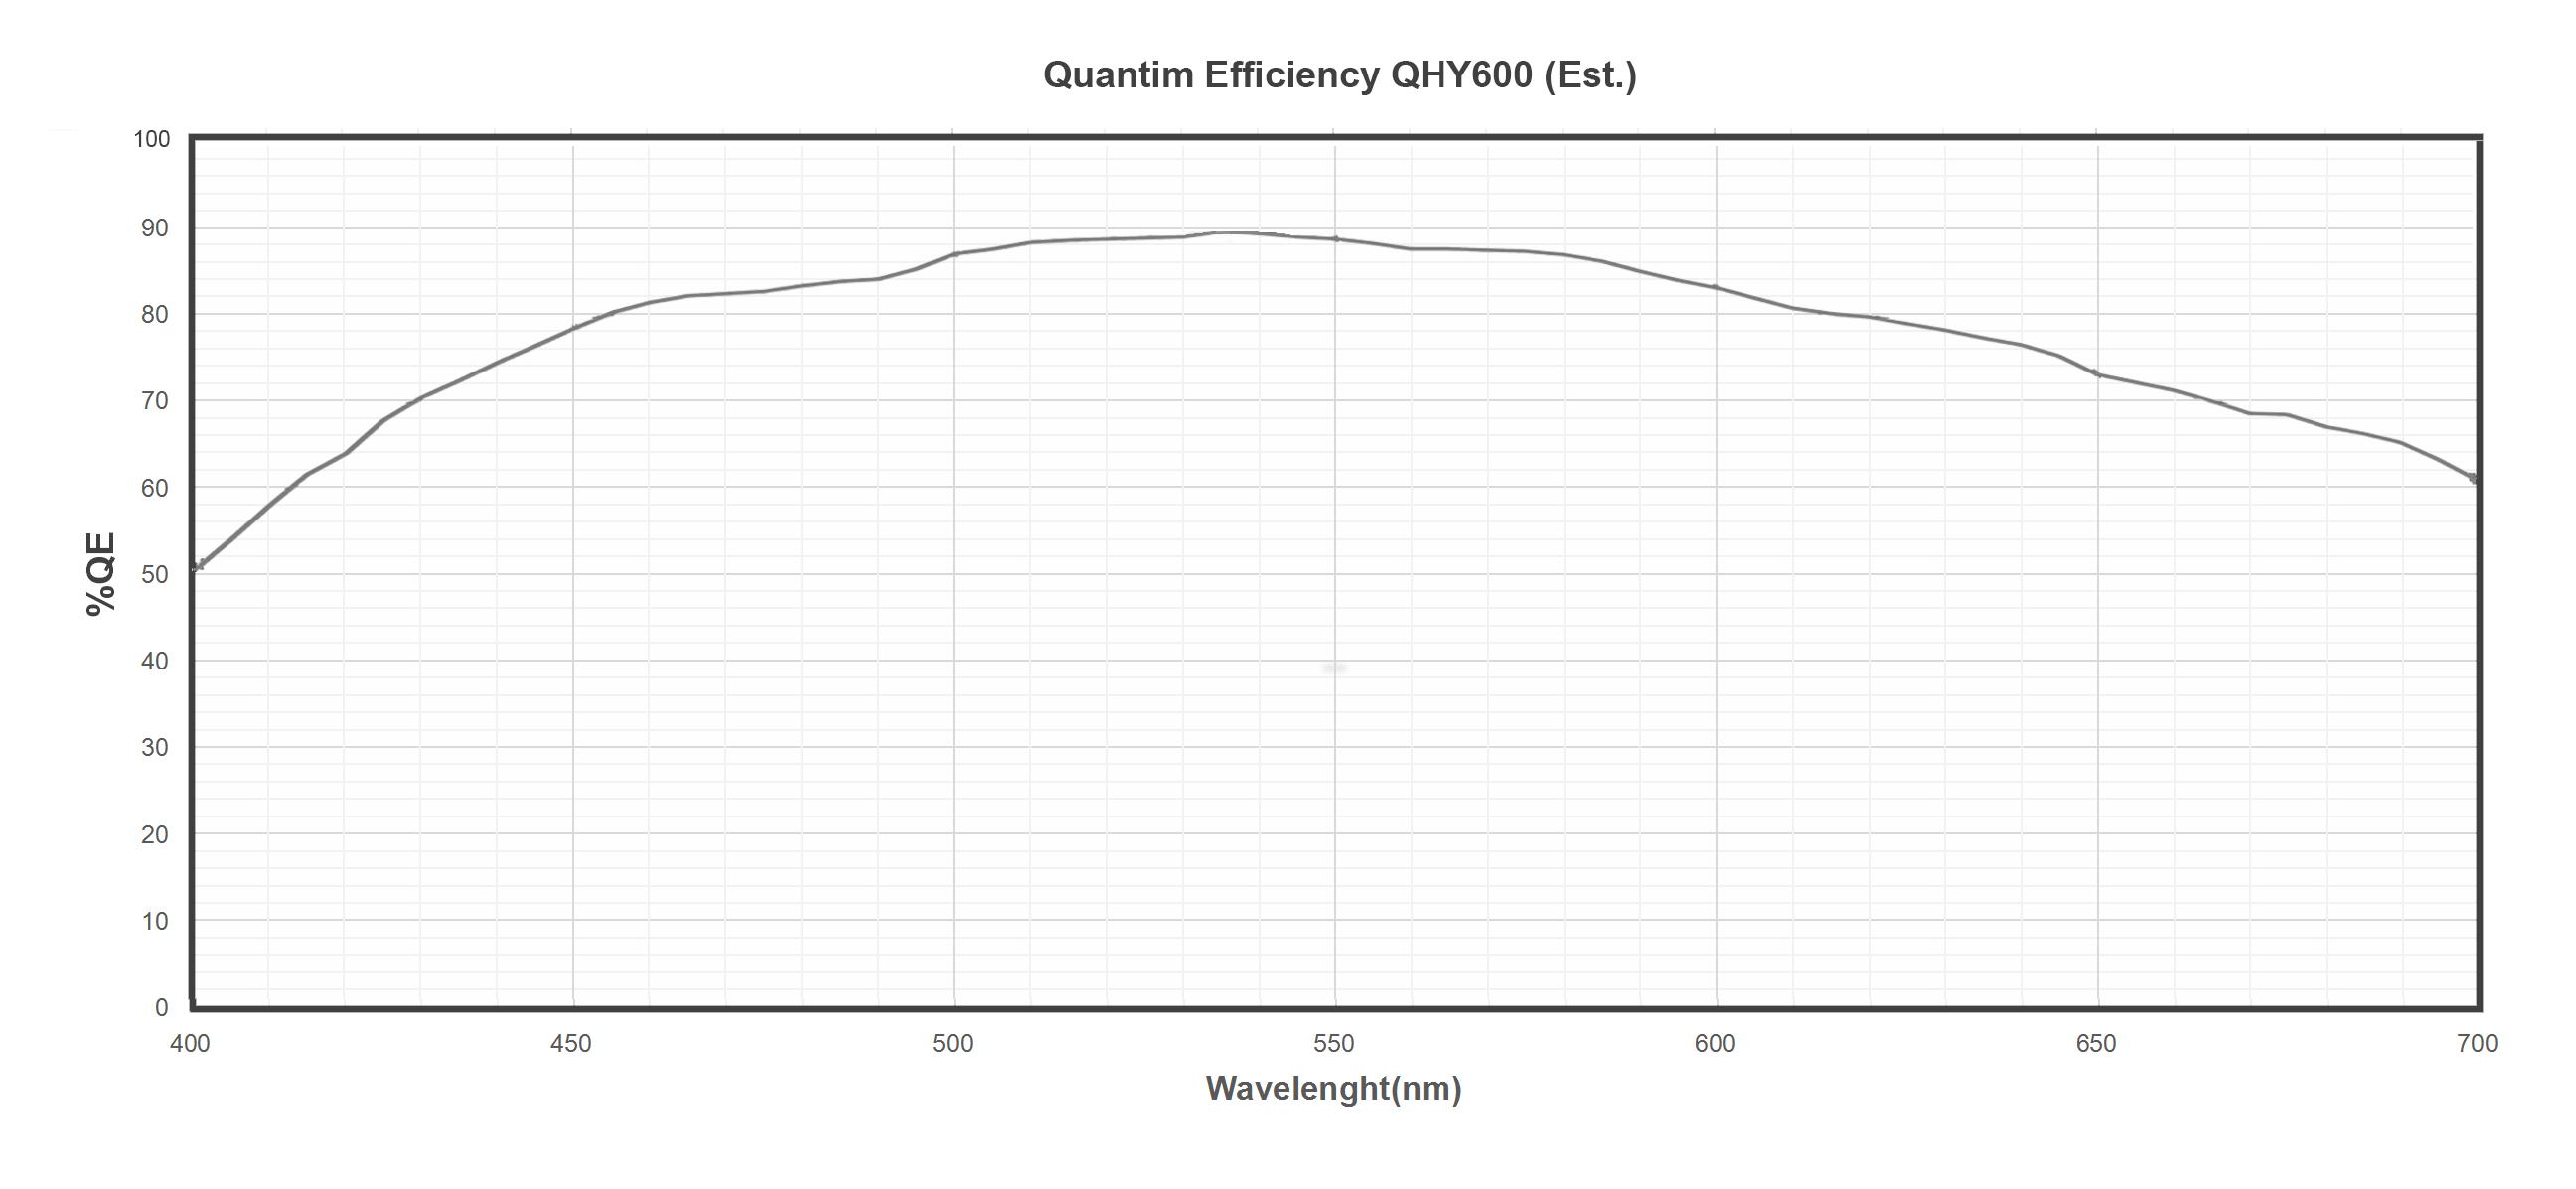 QE QHY600